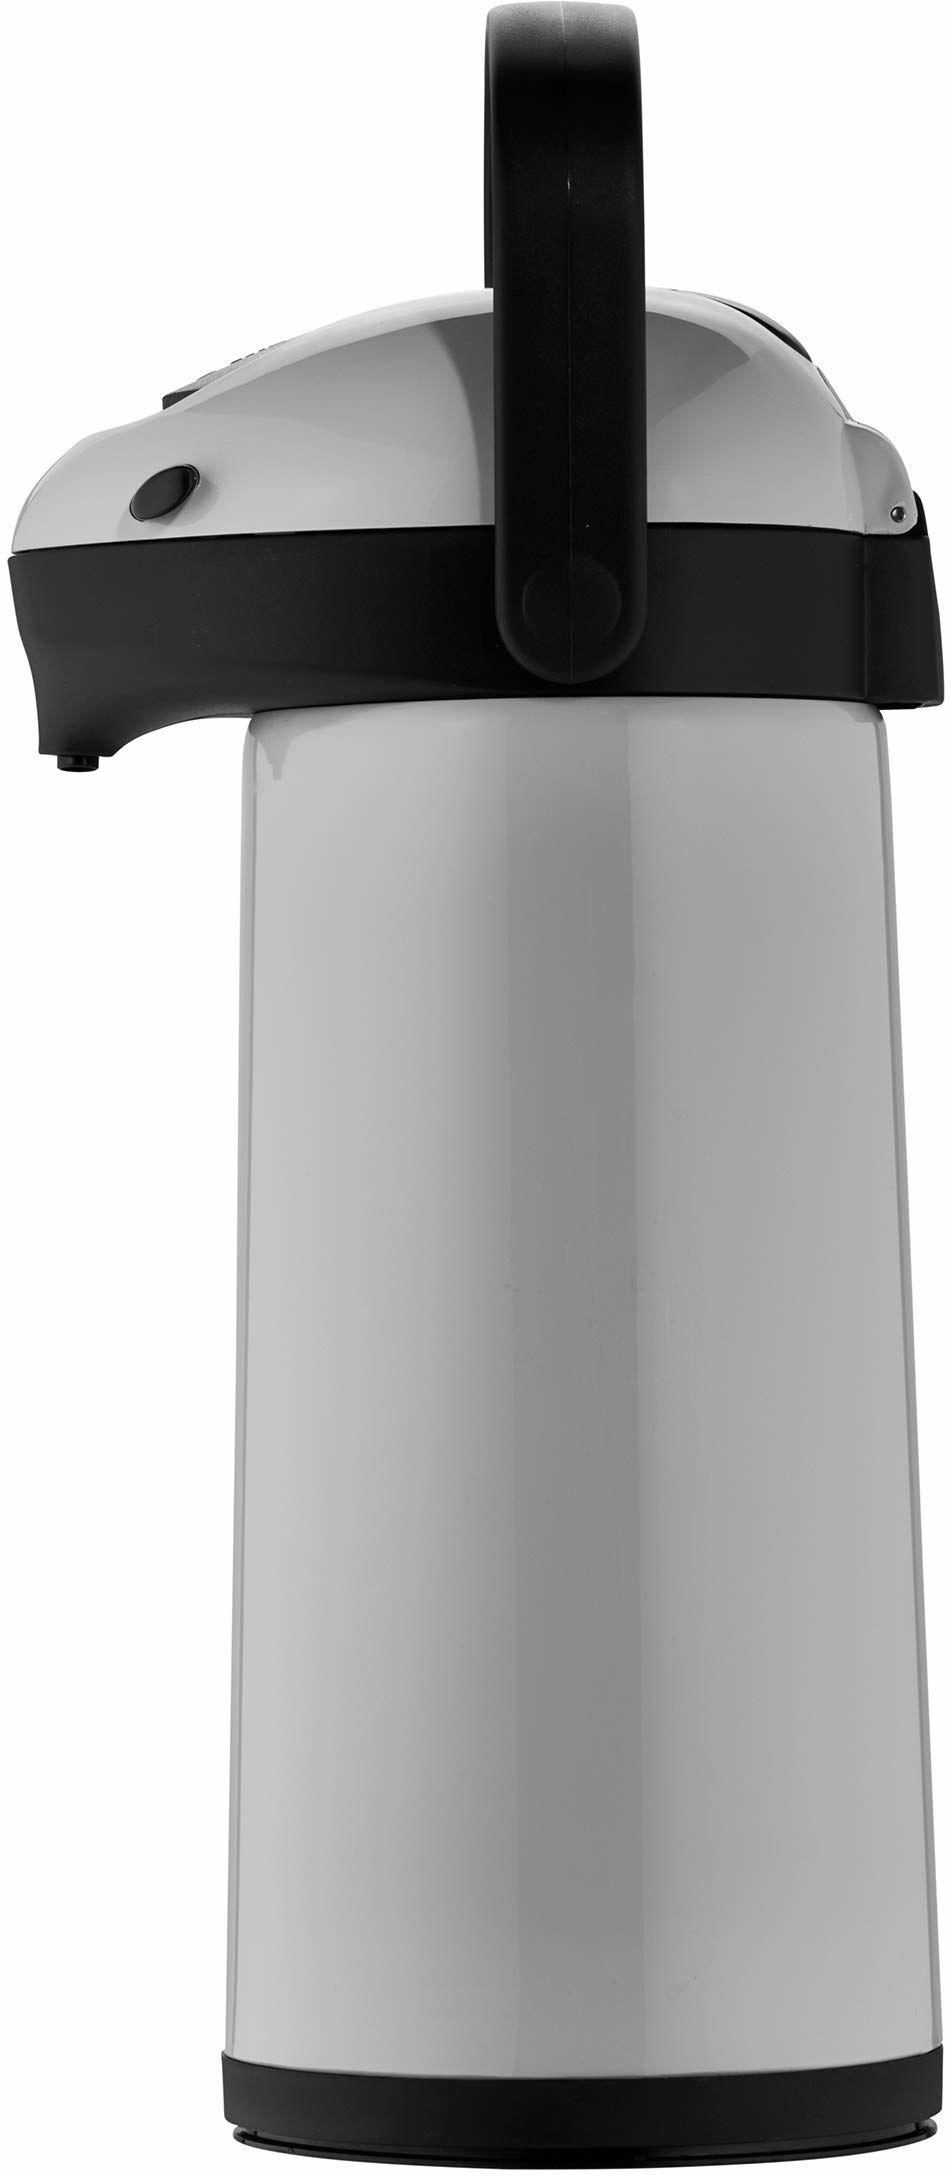 Helios Termos z pompką Airpot 1,9 l, tworzywo sztuczne, szary/czarny, obsługa jedną ręką